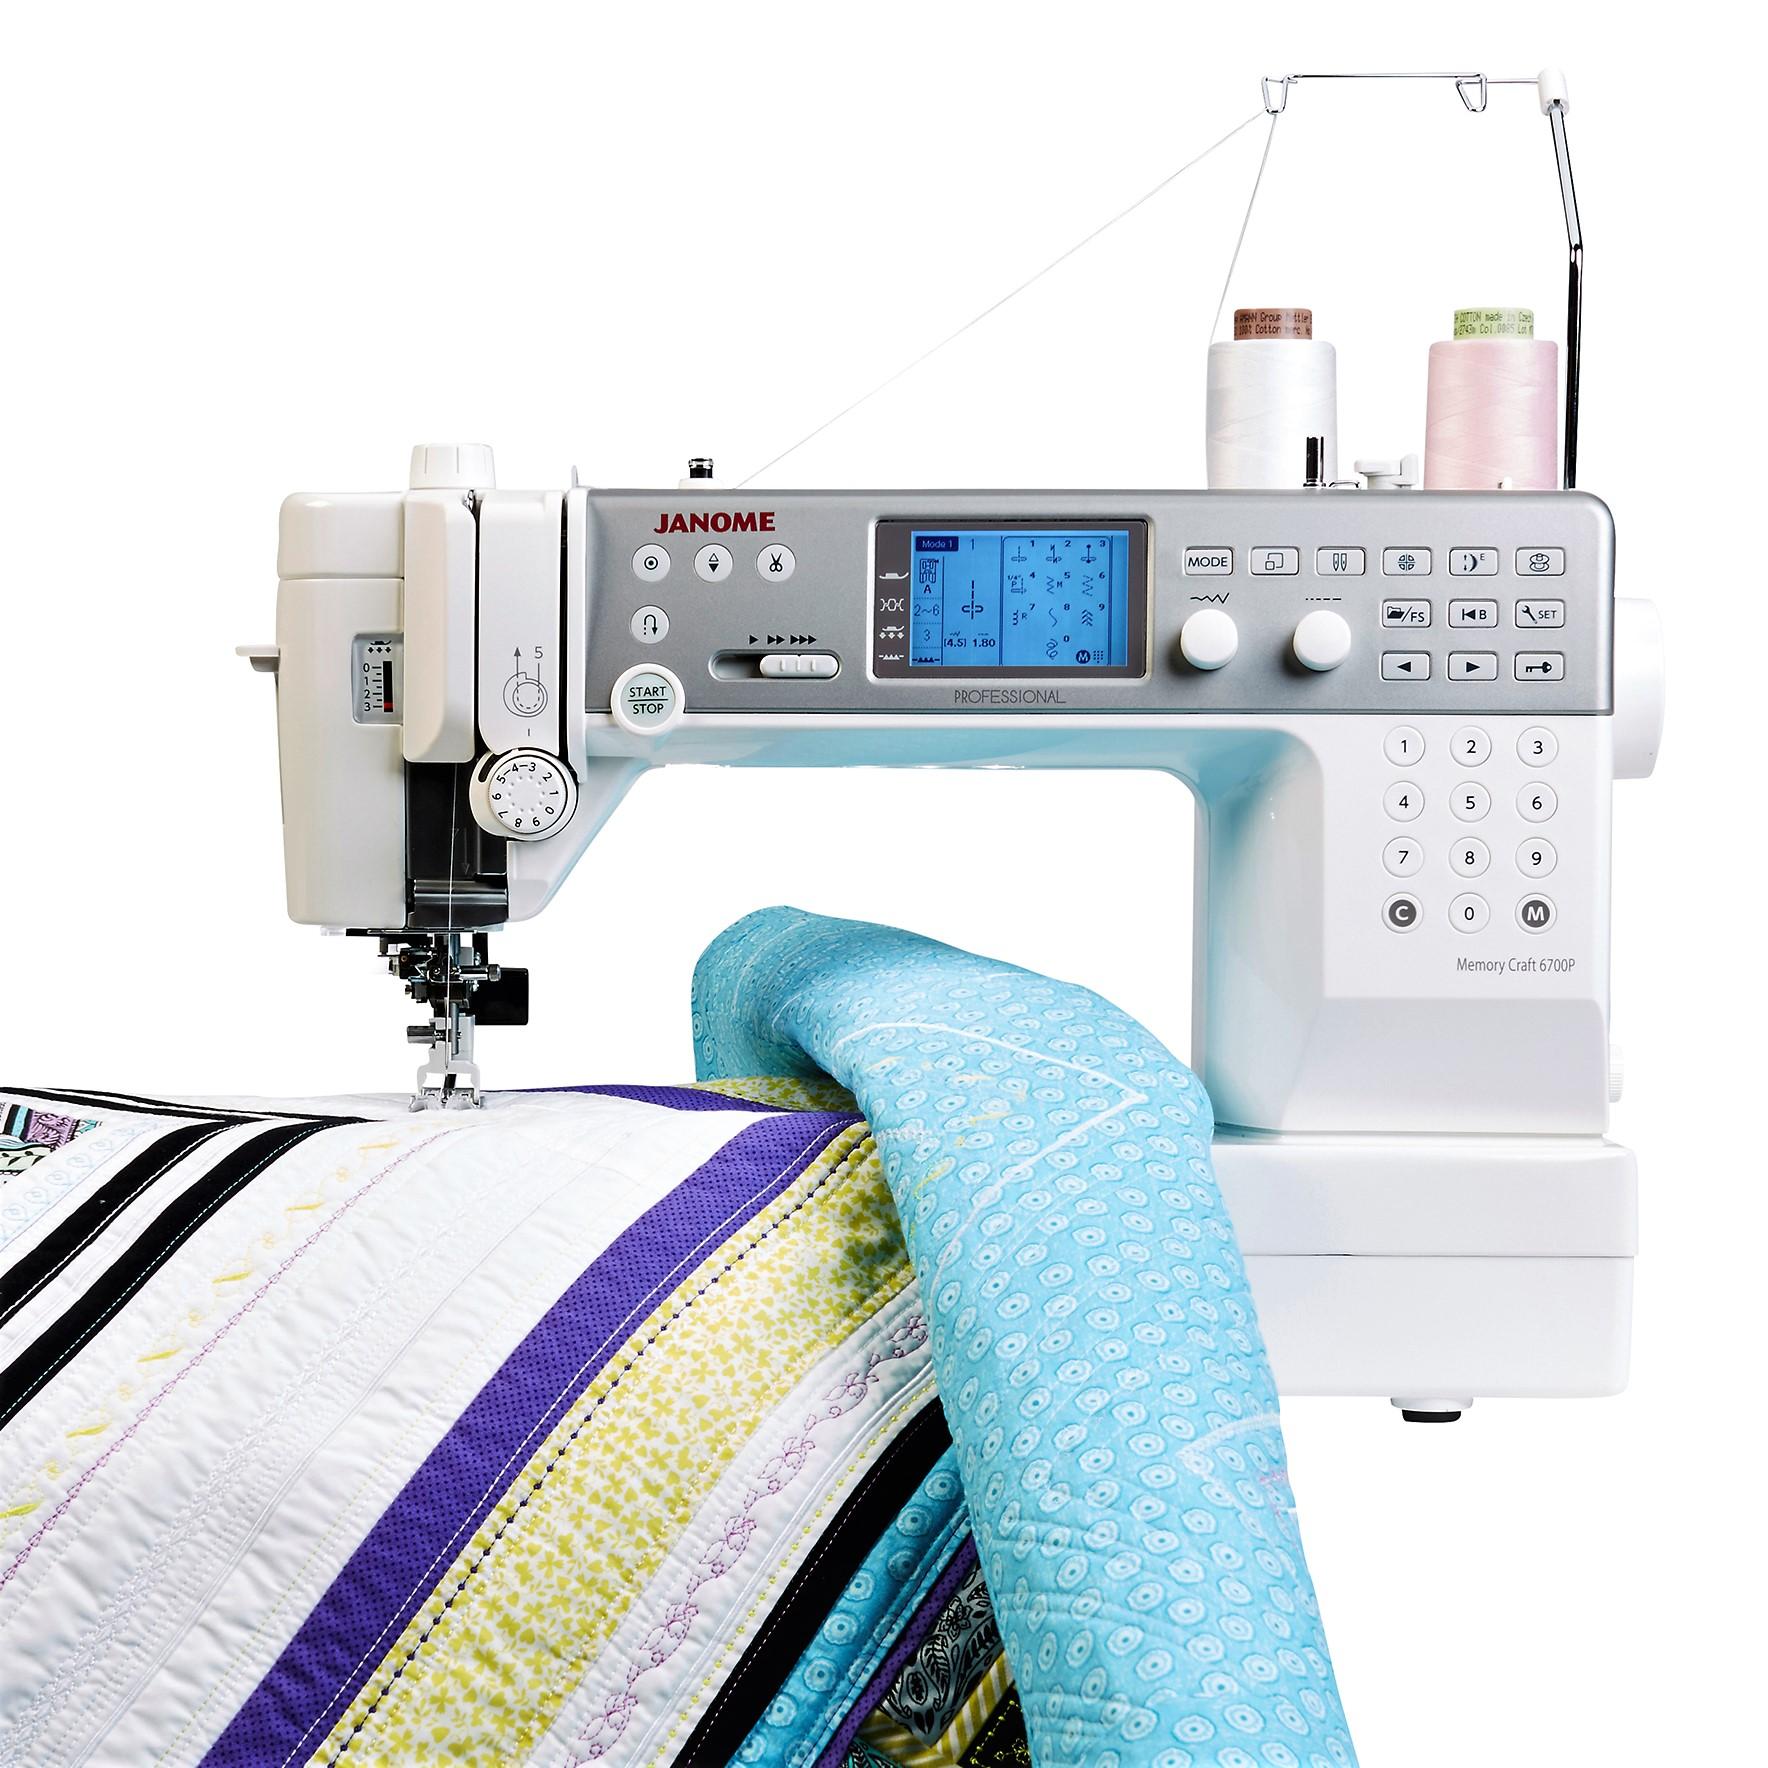 Janome memory craft 6700p janome sew compare sewing shop for Janome memory craft 6600p